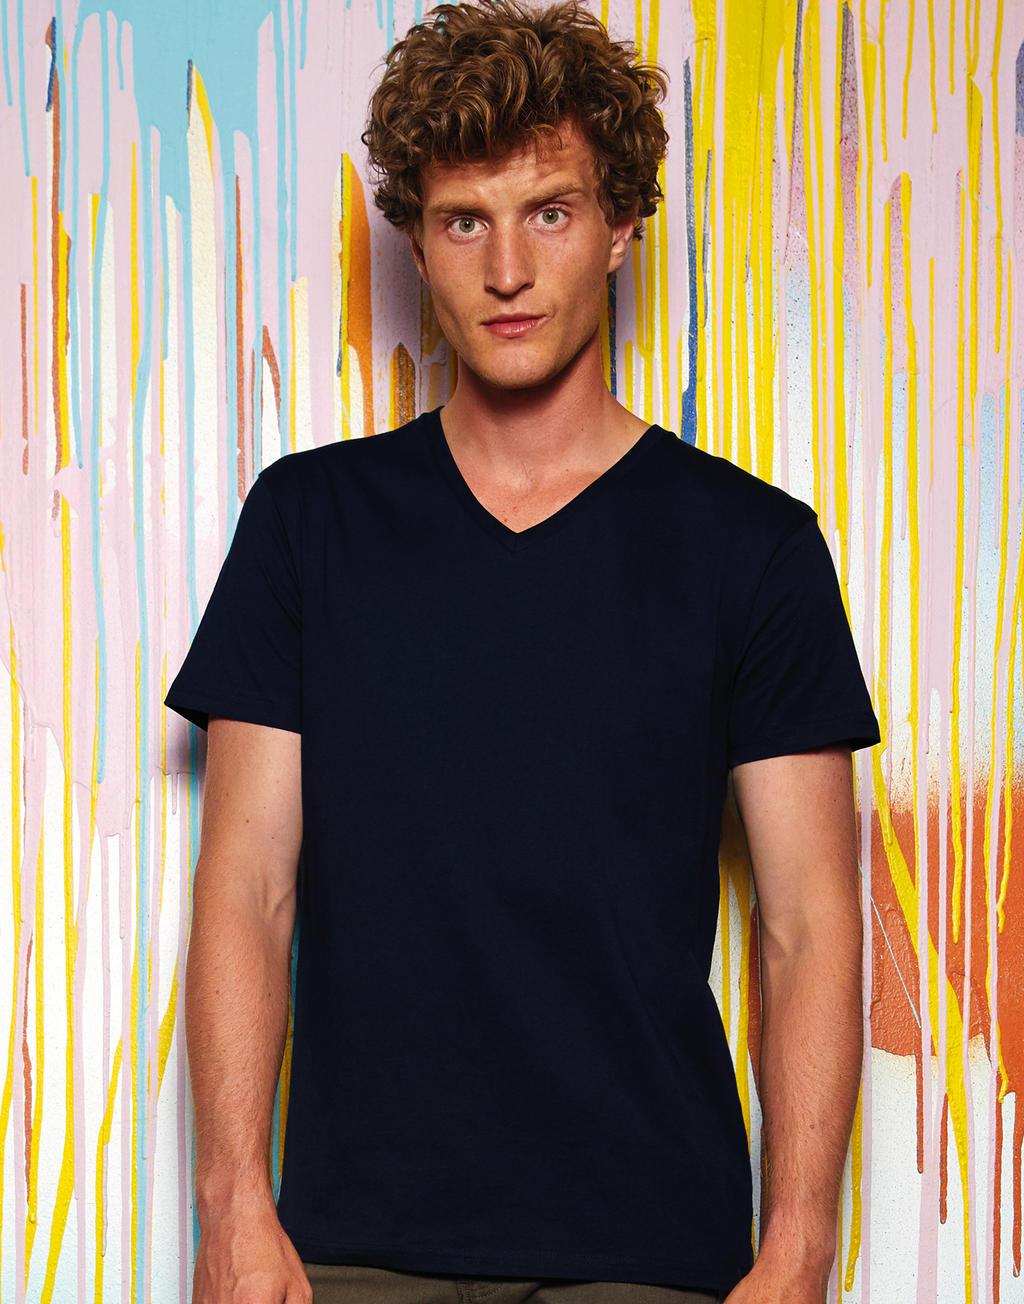 e2a6ac601e Camiseta orgánica Inspire V men